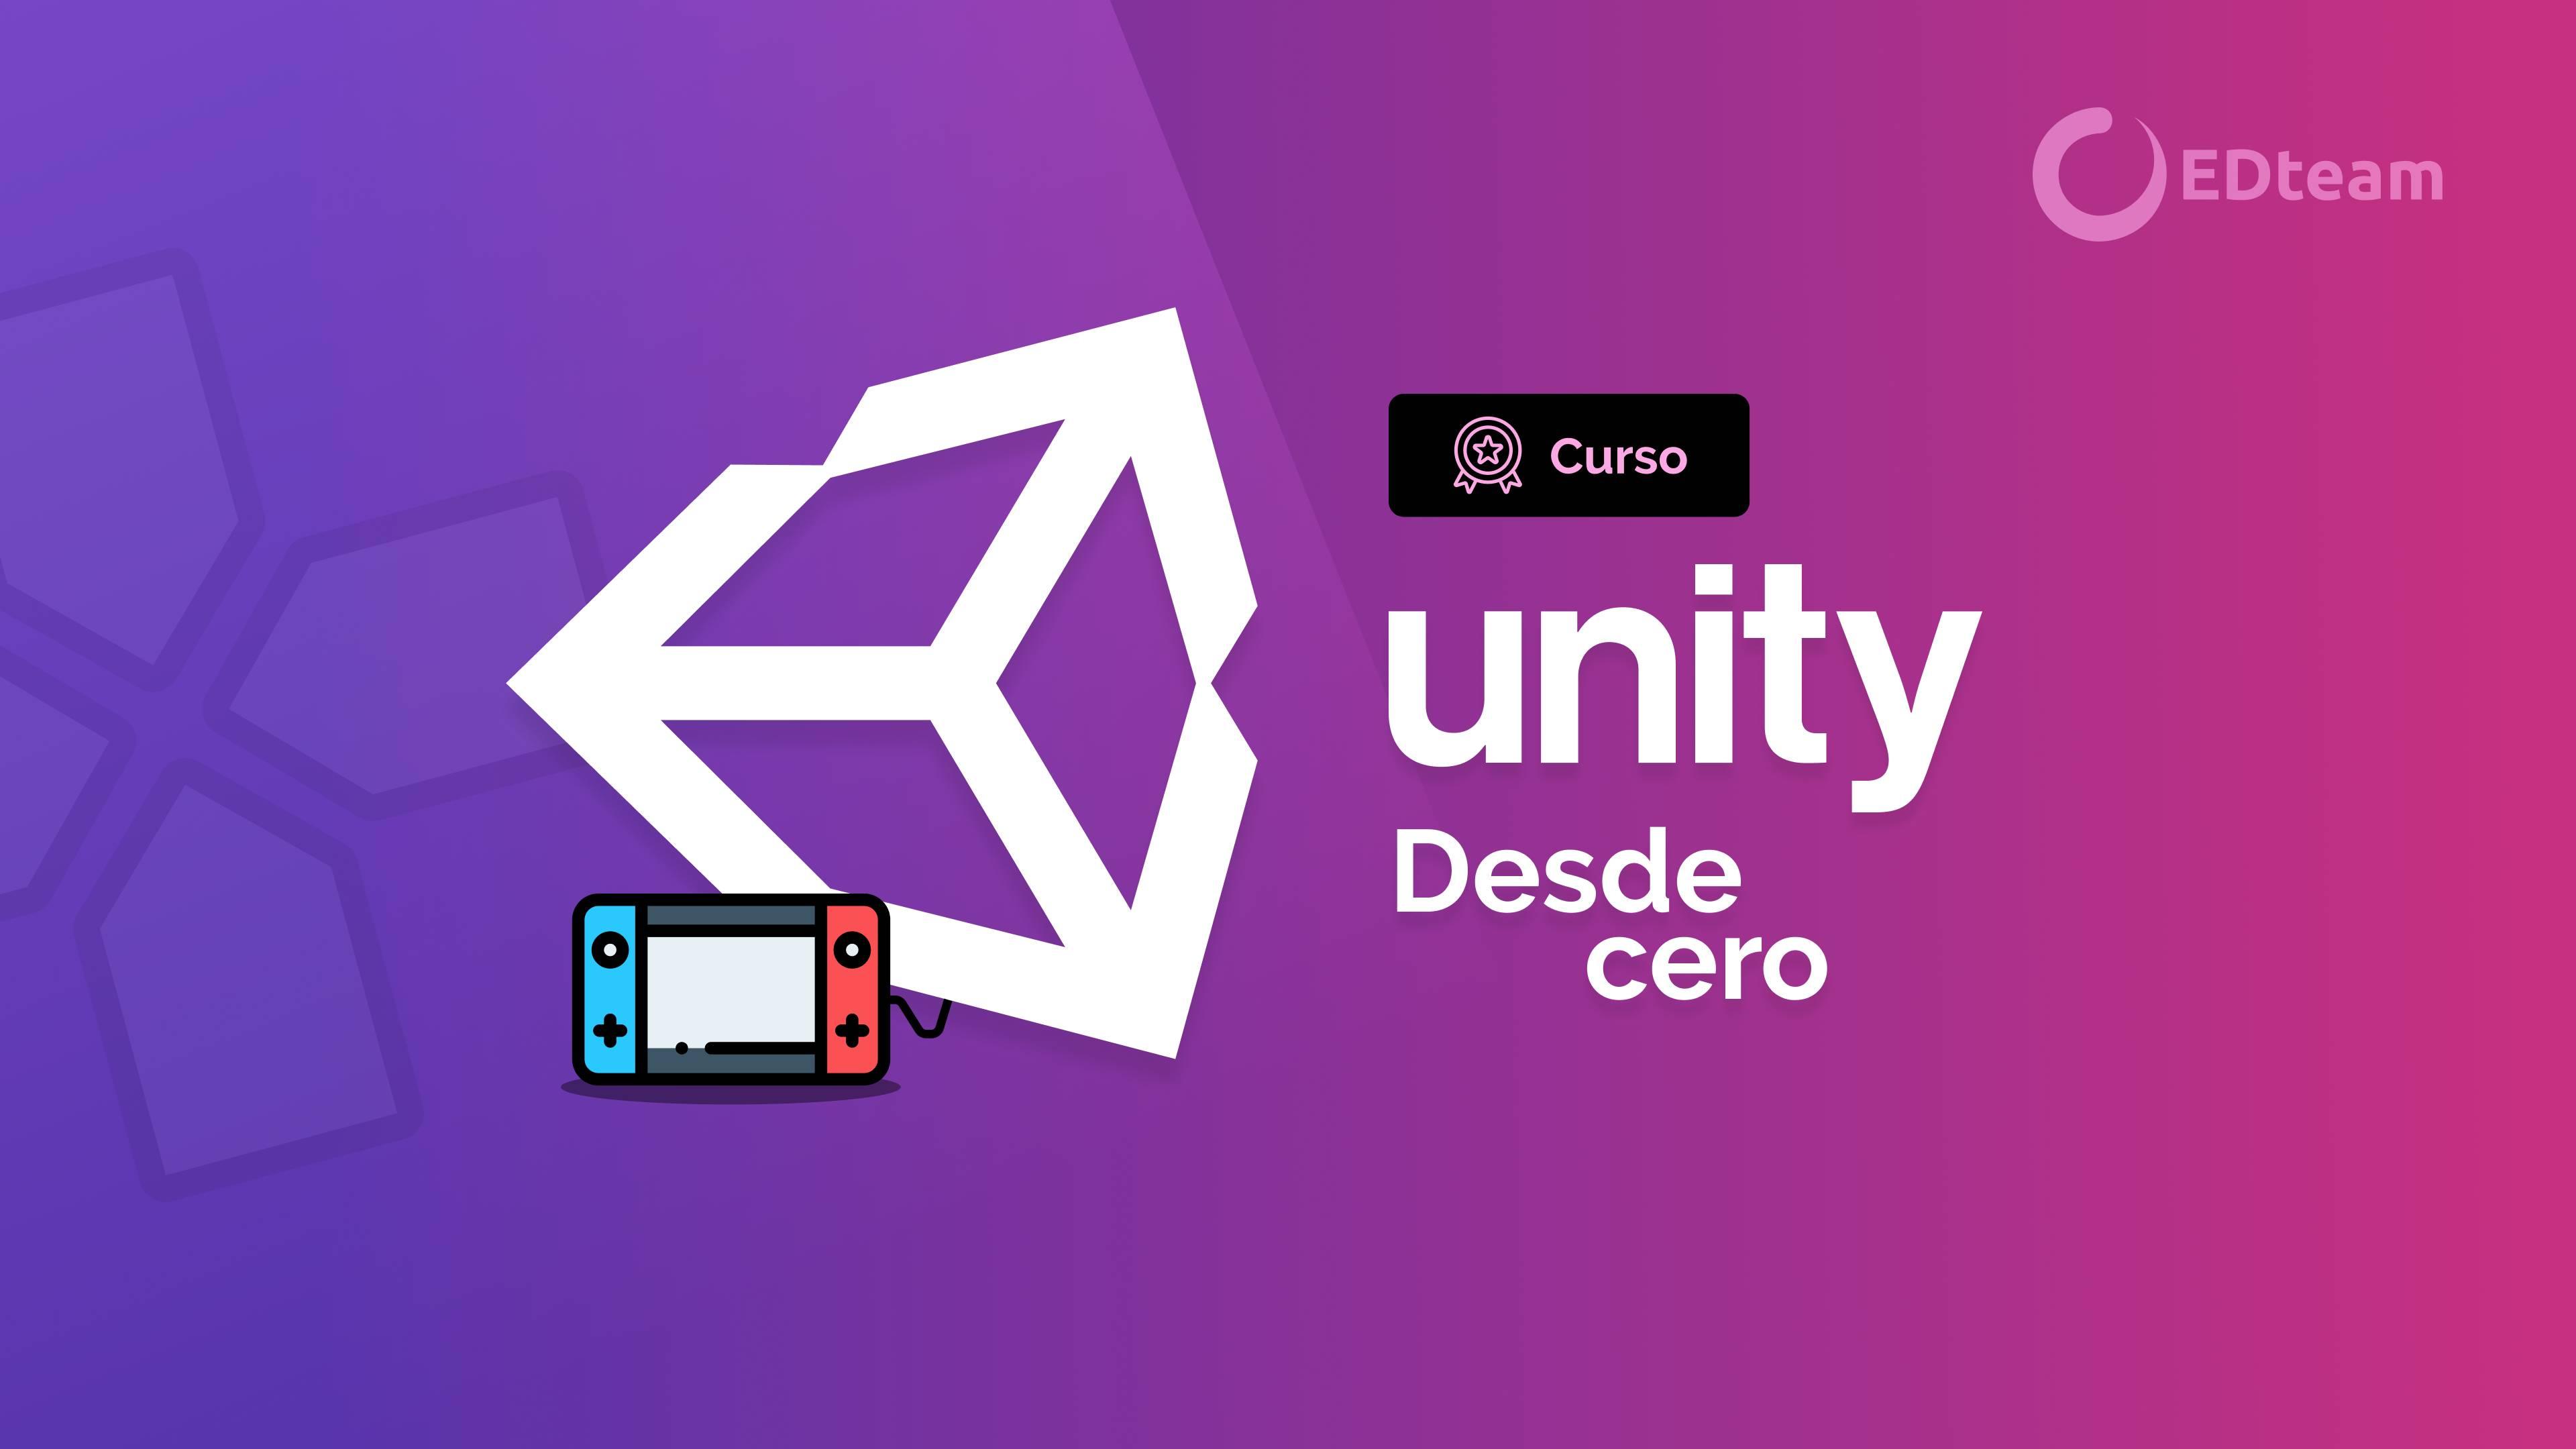 Unity desde cero